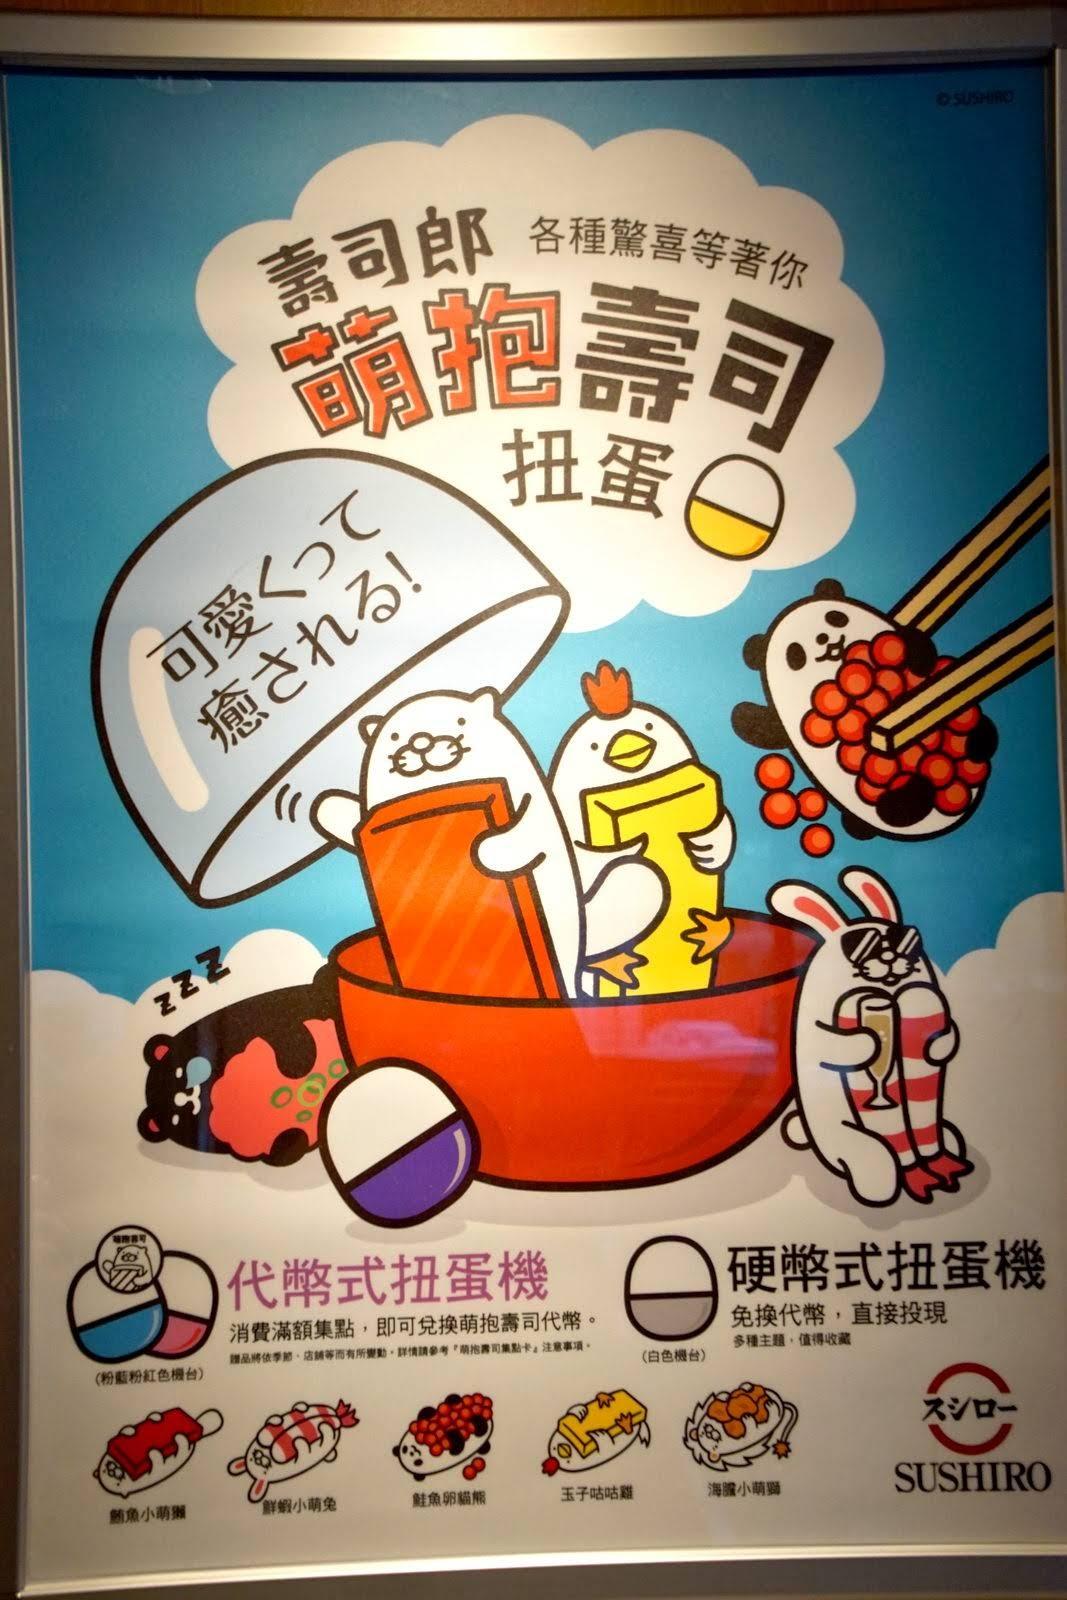 [台南][安平區] 台灣壽司郎-台南安平店 102盤完食全紀錄 食記